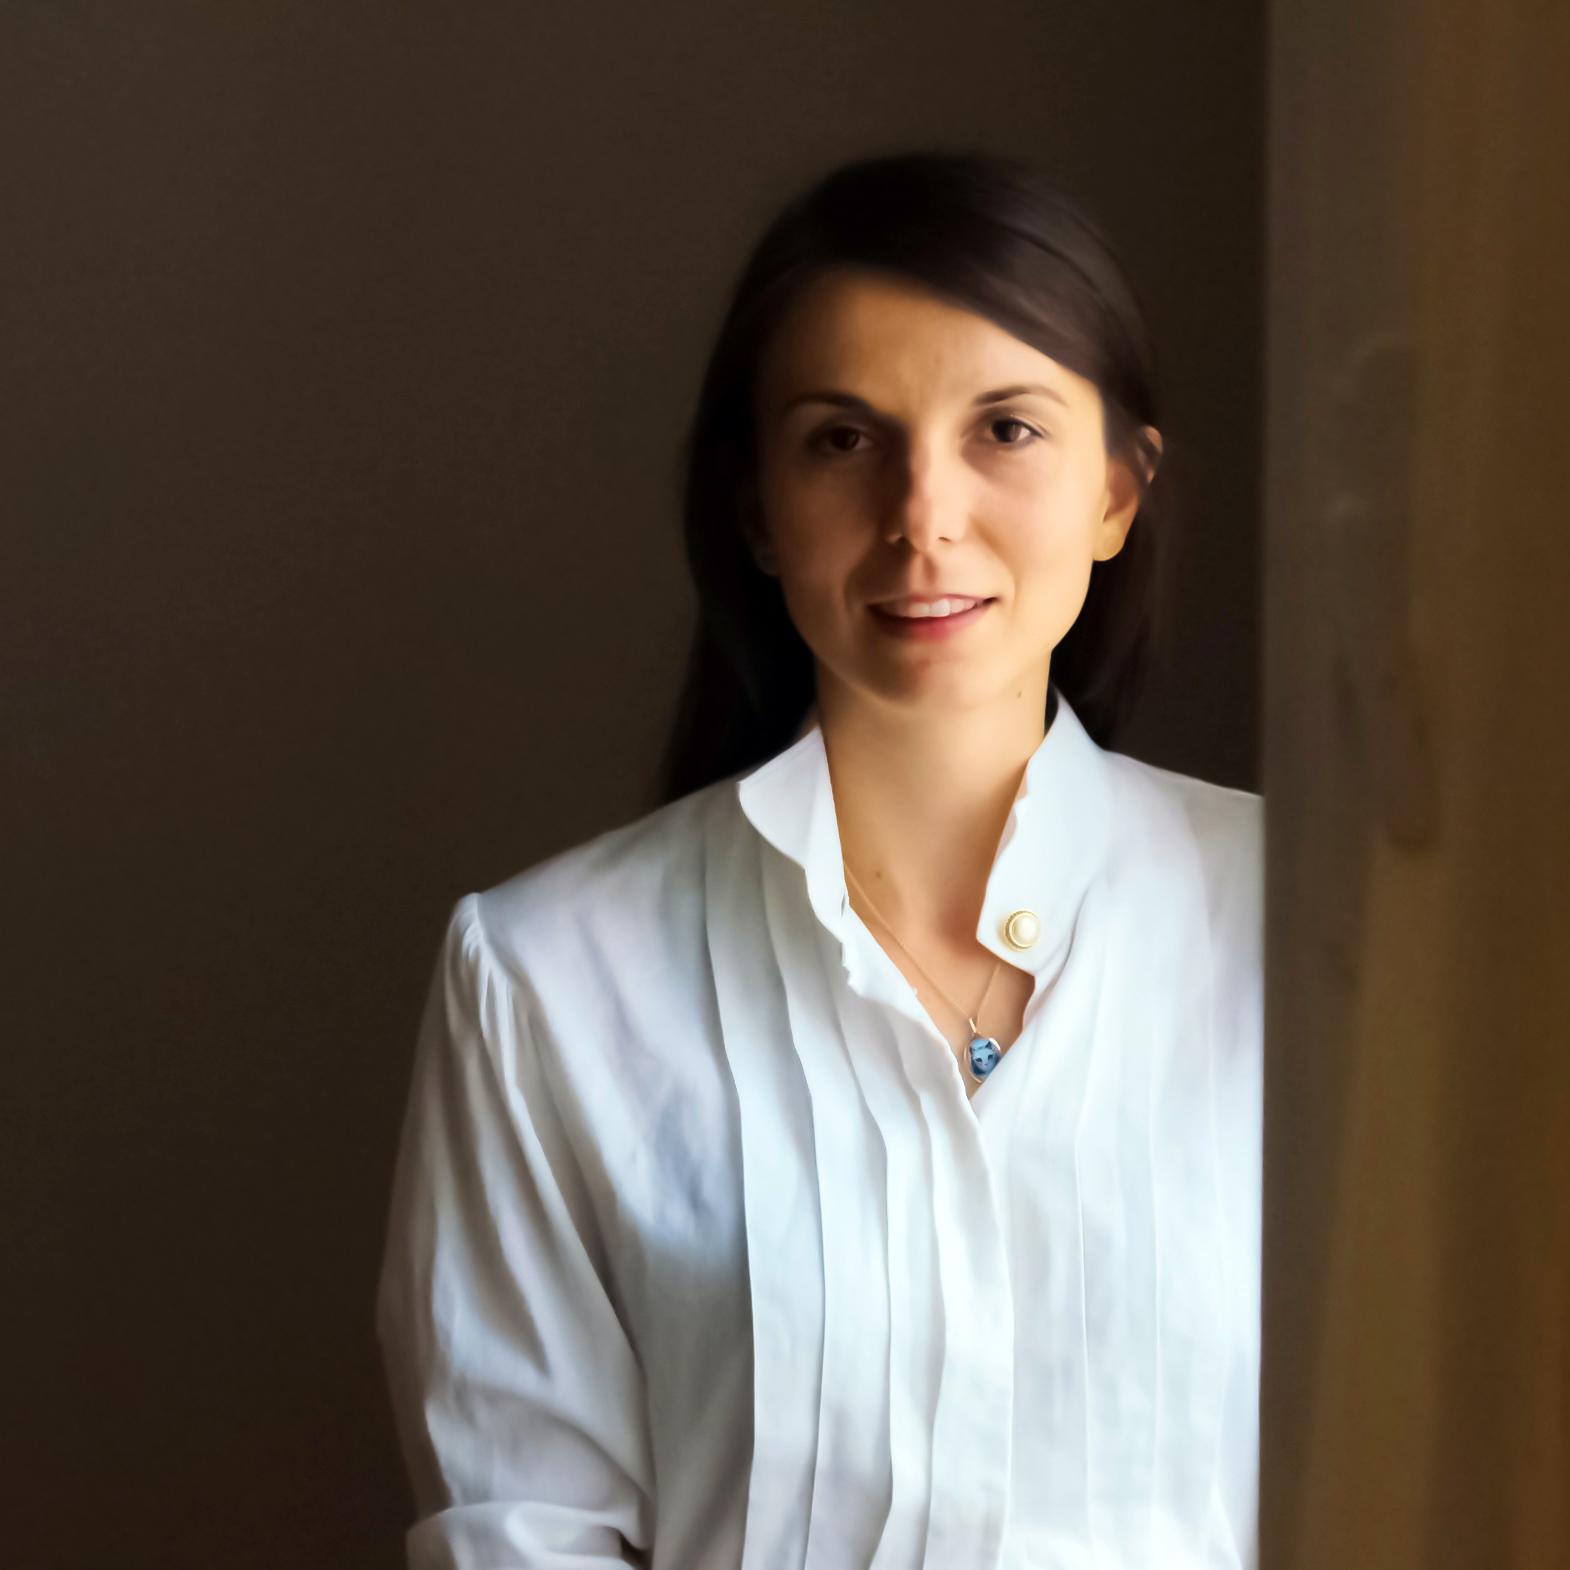 Amila Softić